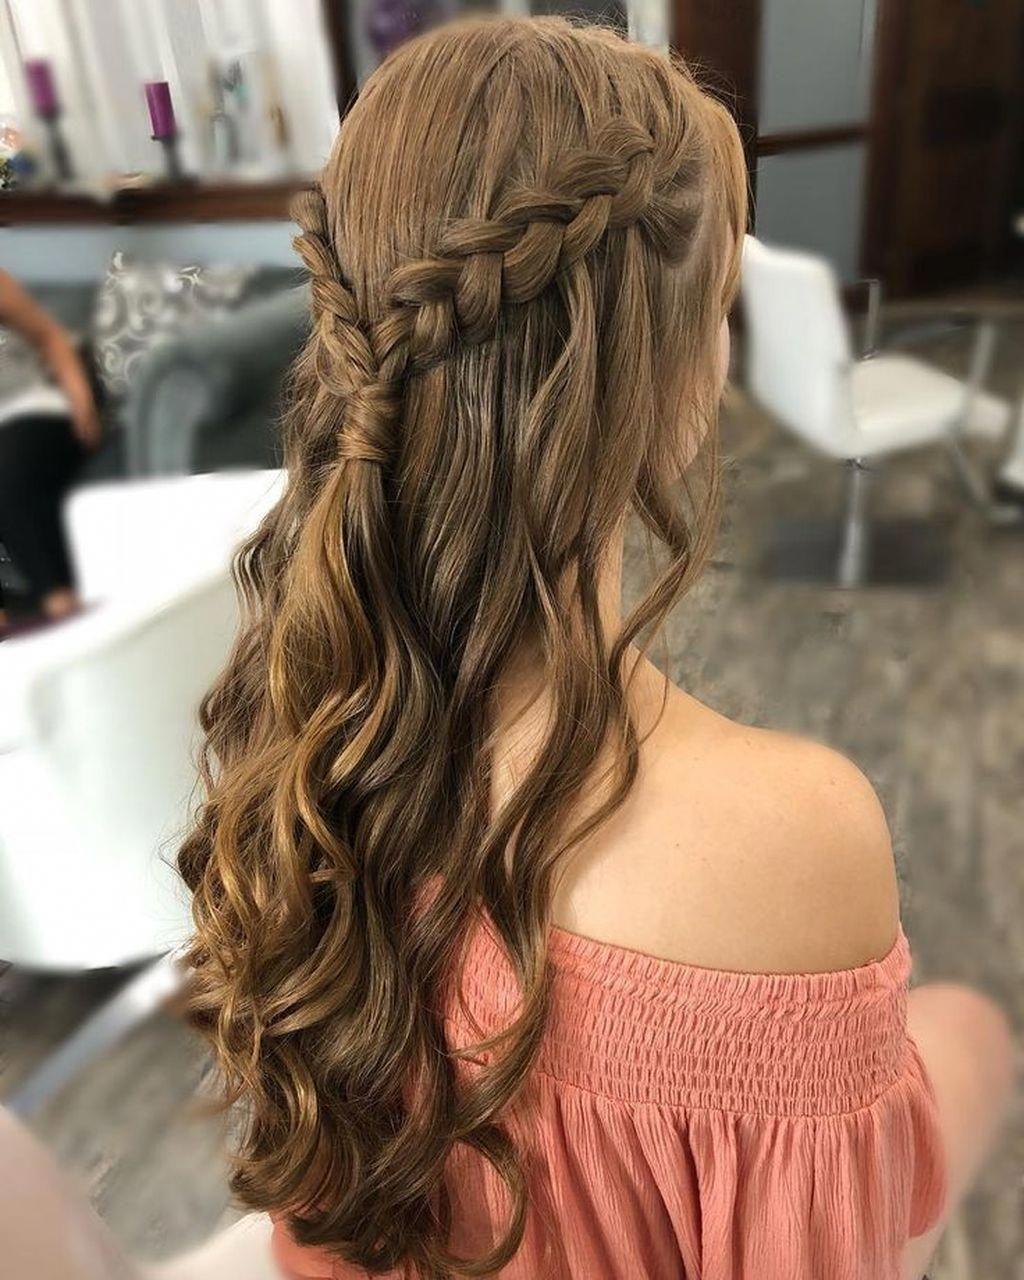 50 Schöne Updo Frisuren-Ideen für Kurzes Haar #braidedhairstylesupdos